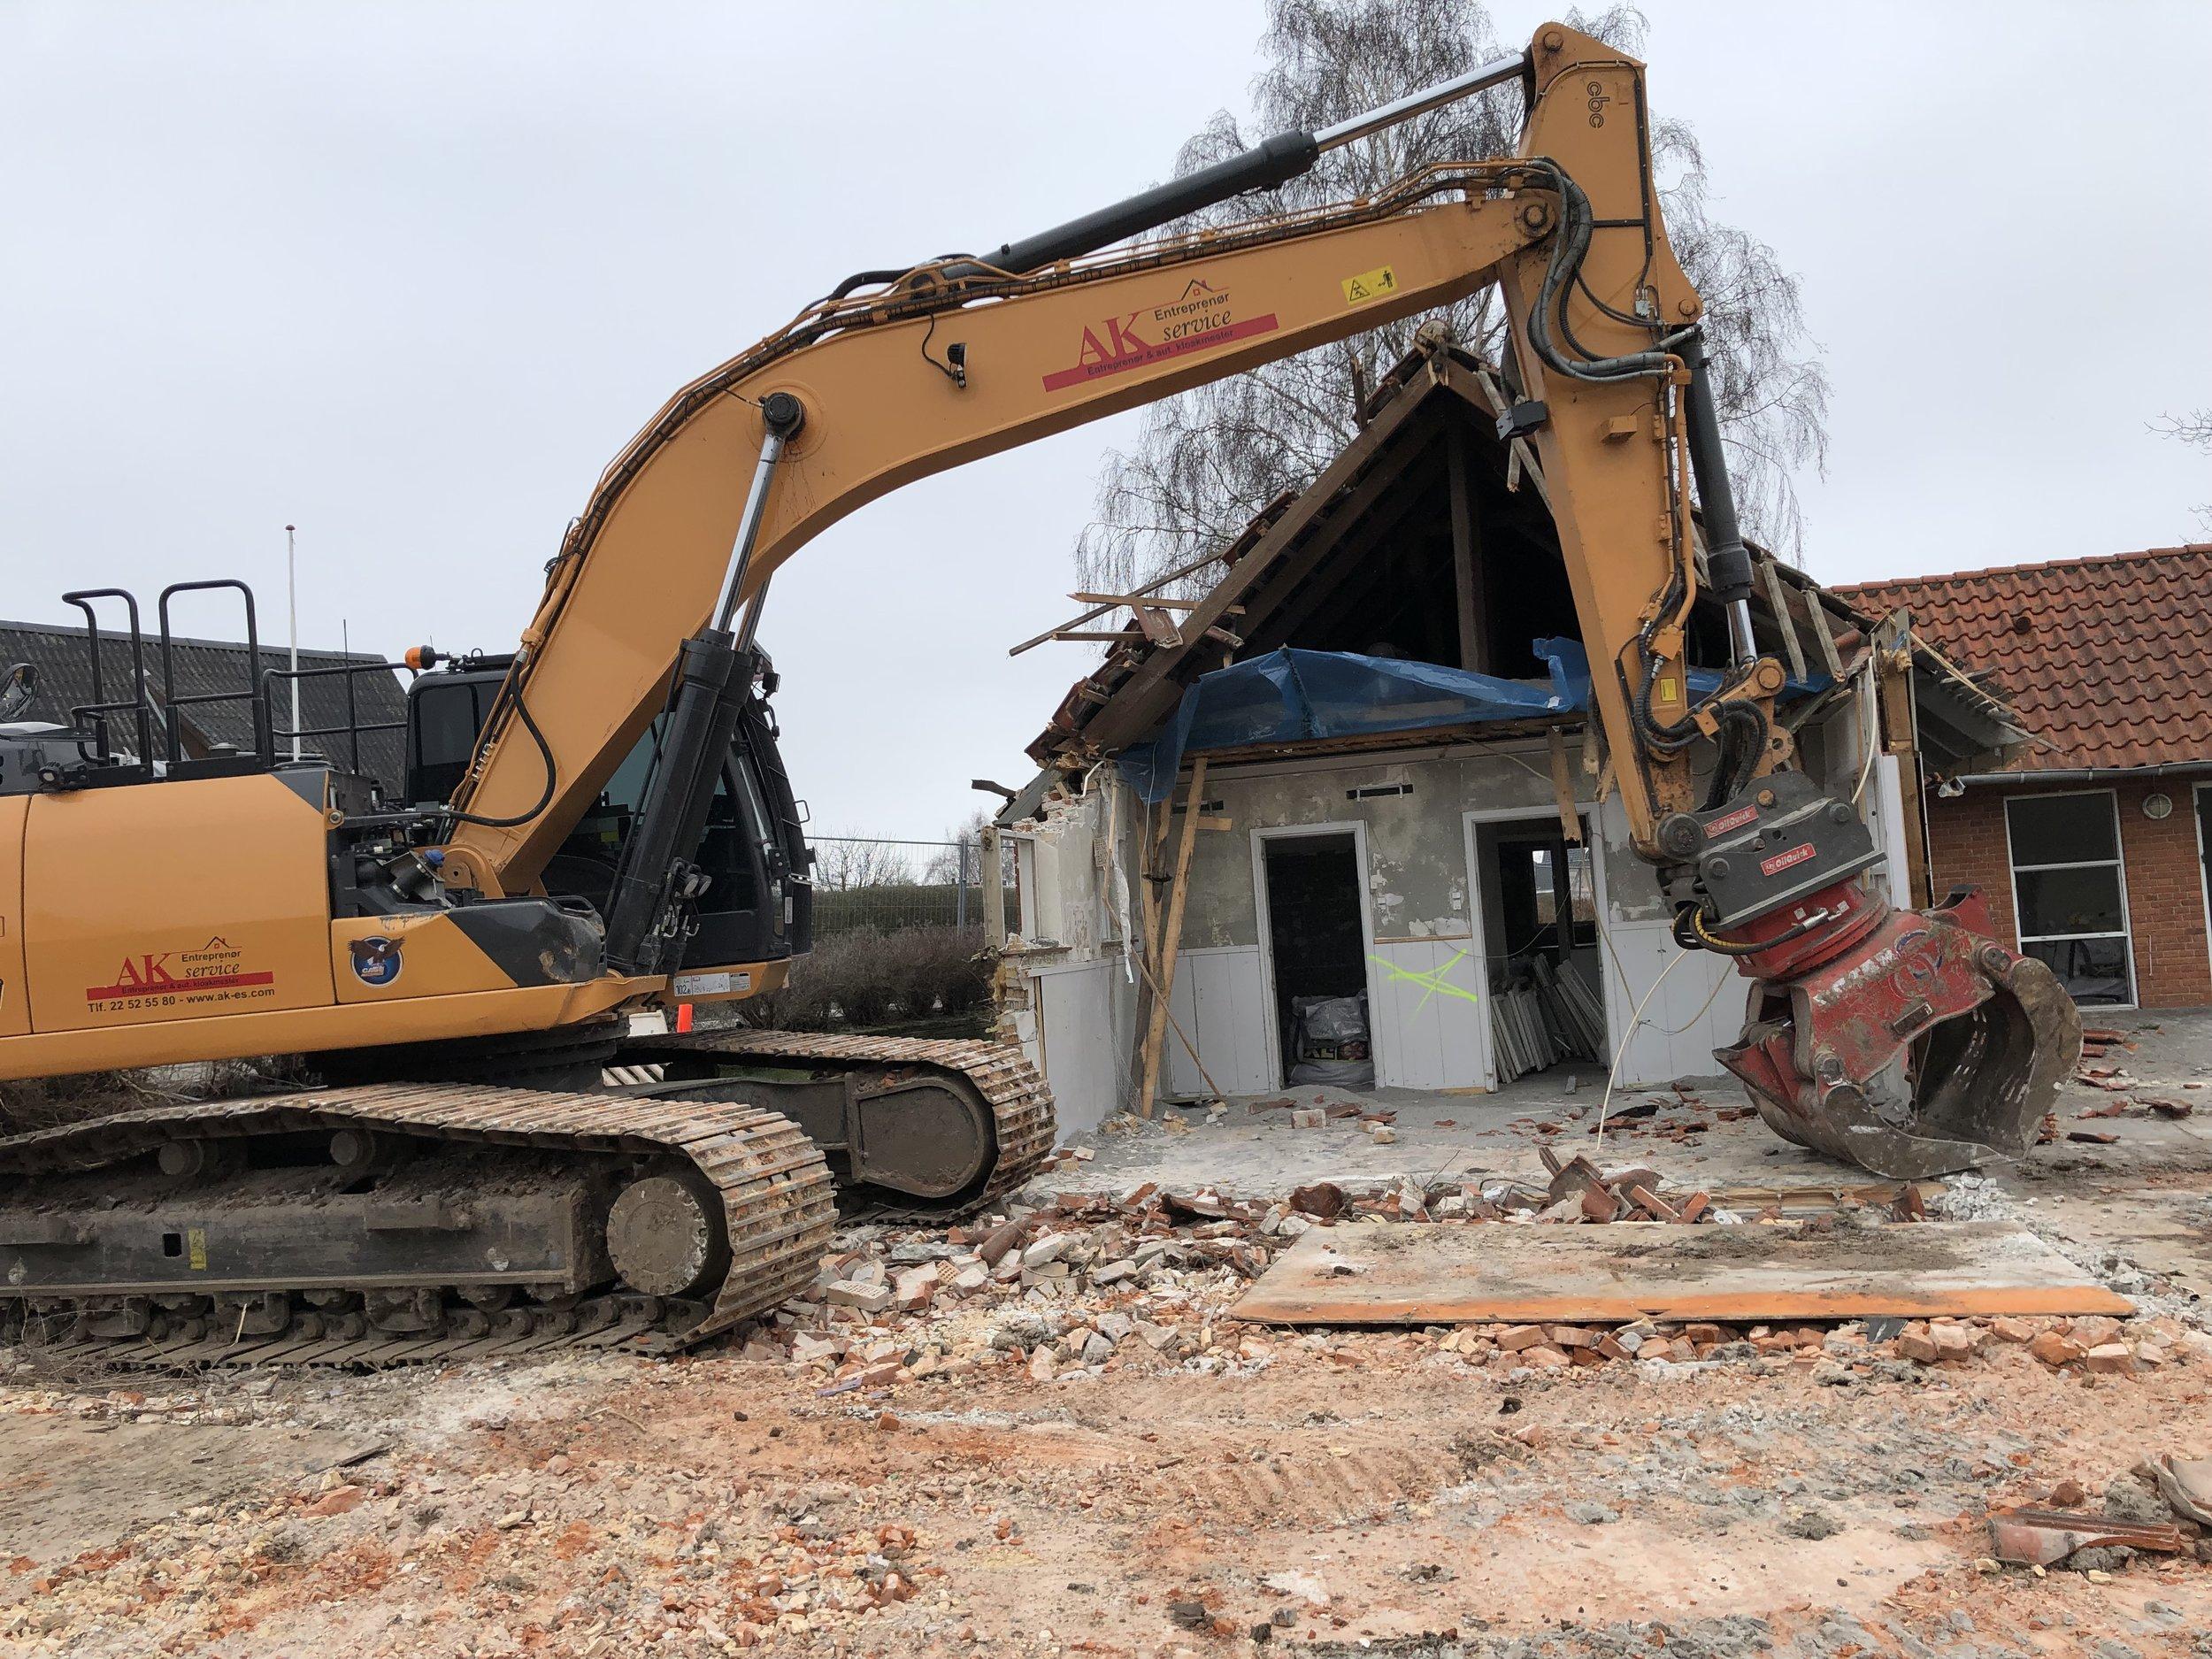 Nu er maskinerne godt i gang med at gnave sig gennem de gamle, nedslidte bygninger, som ikke mere kunne leve op til den standard, som kræves til en moderne børneinstitution. Foto: AOB